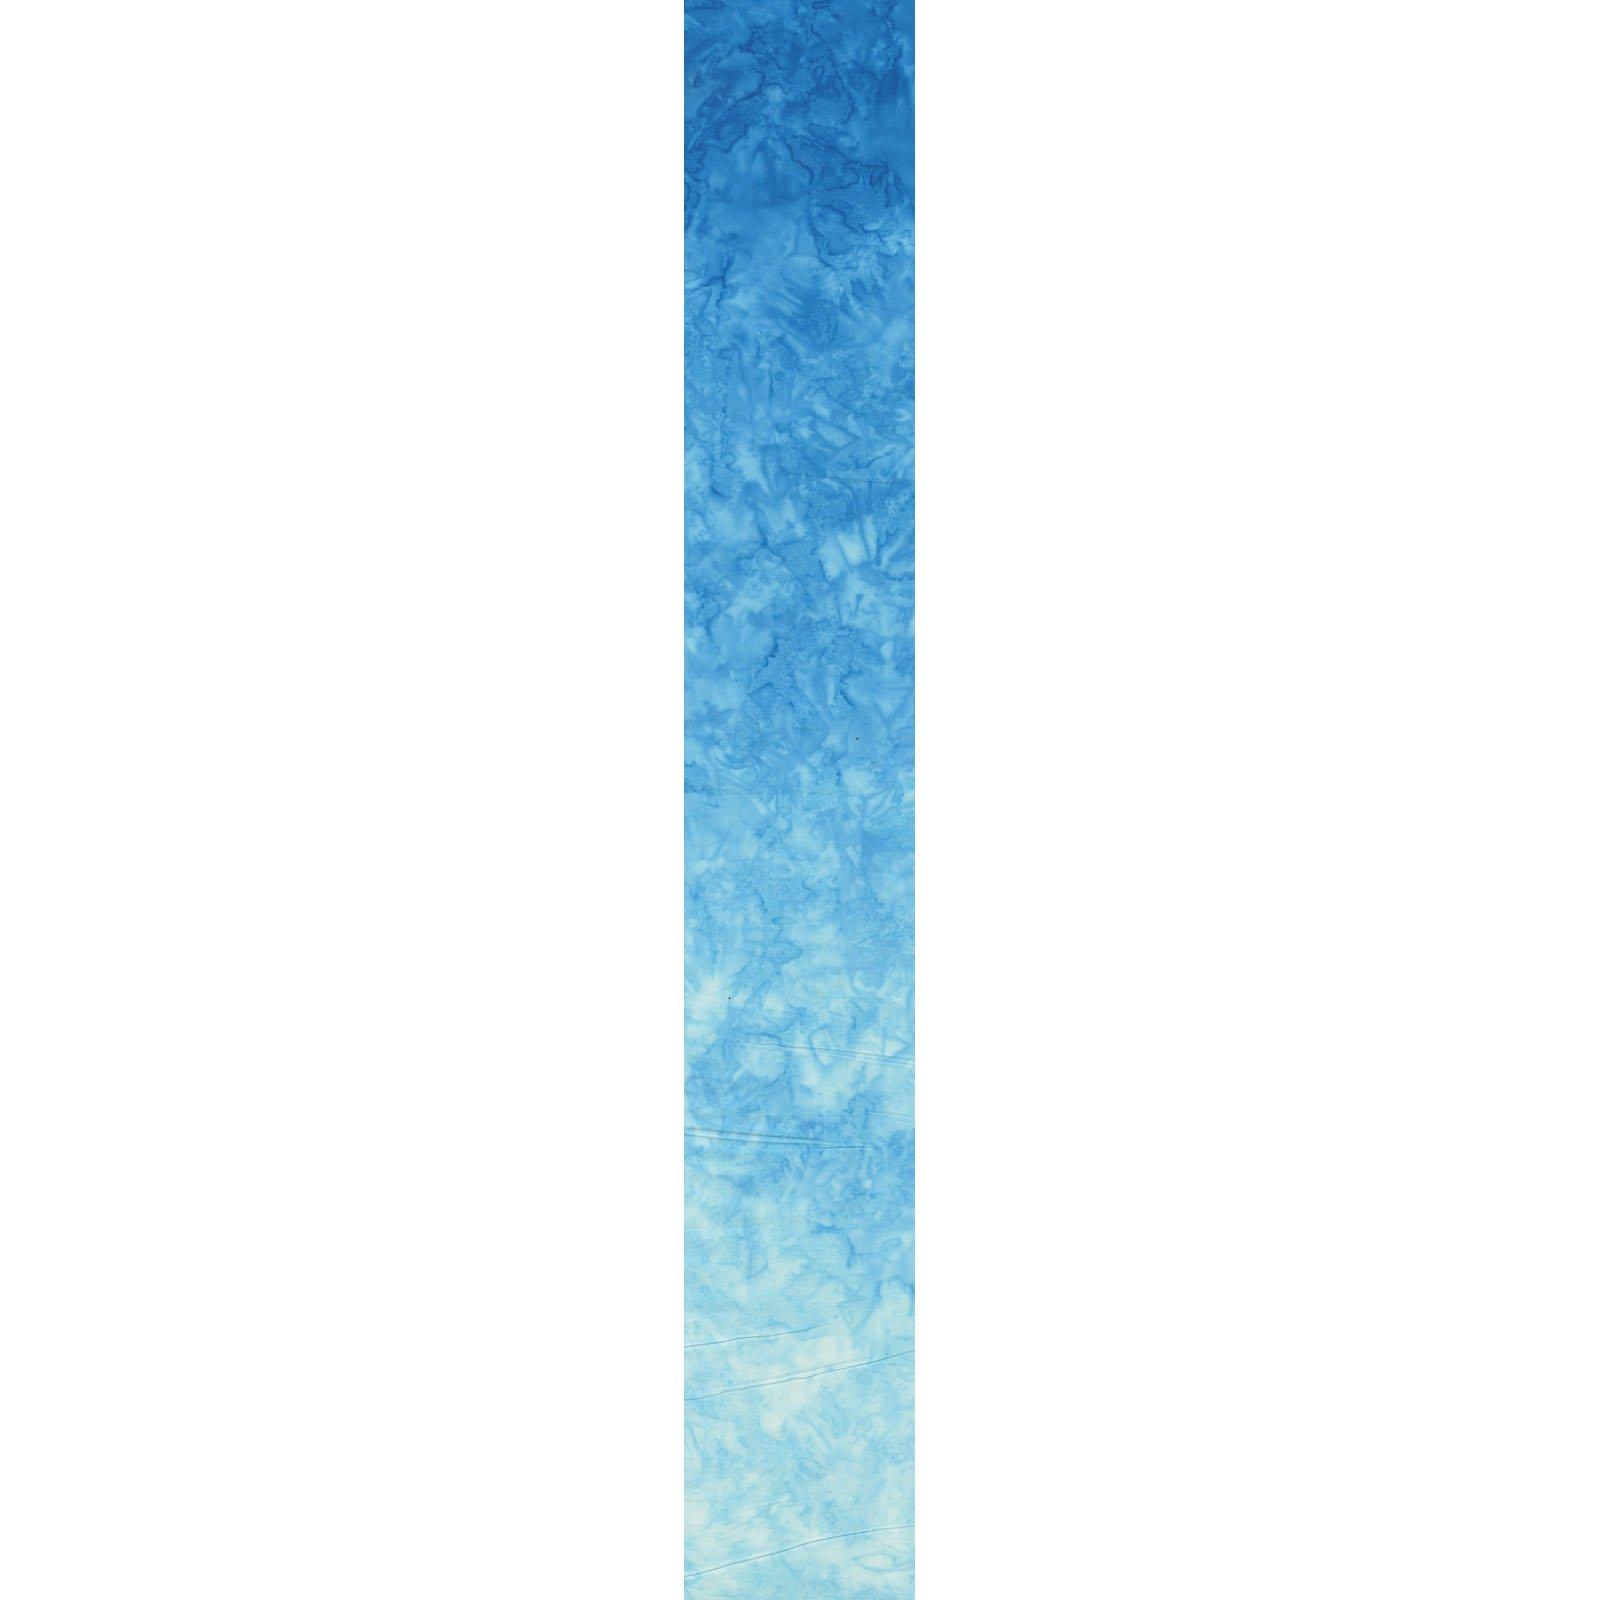 Gradation Batik - Blue Topaz<br/>Benartex 3784-84